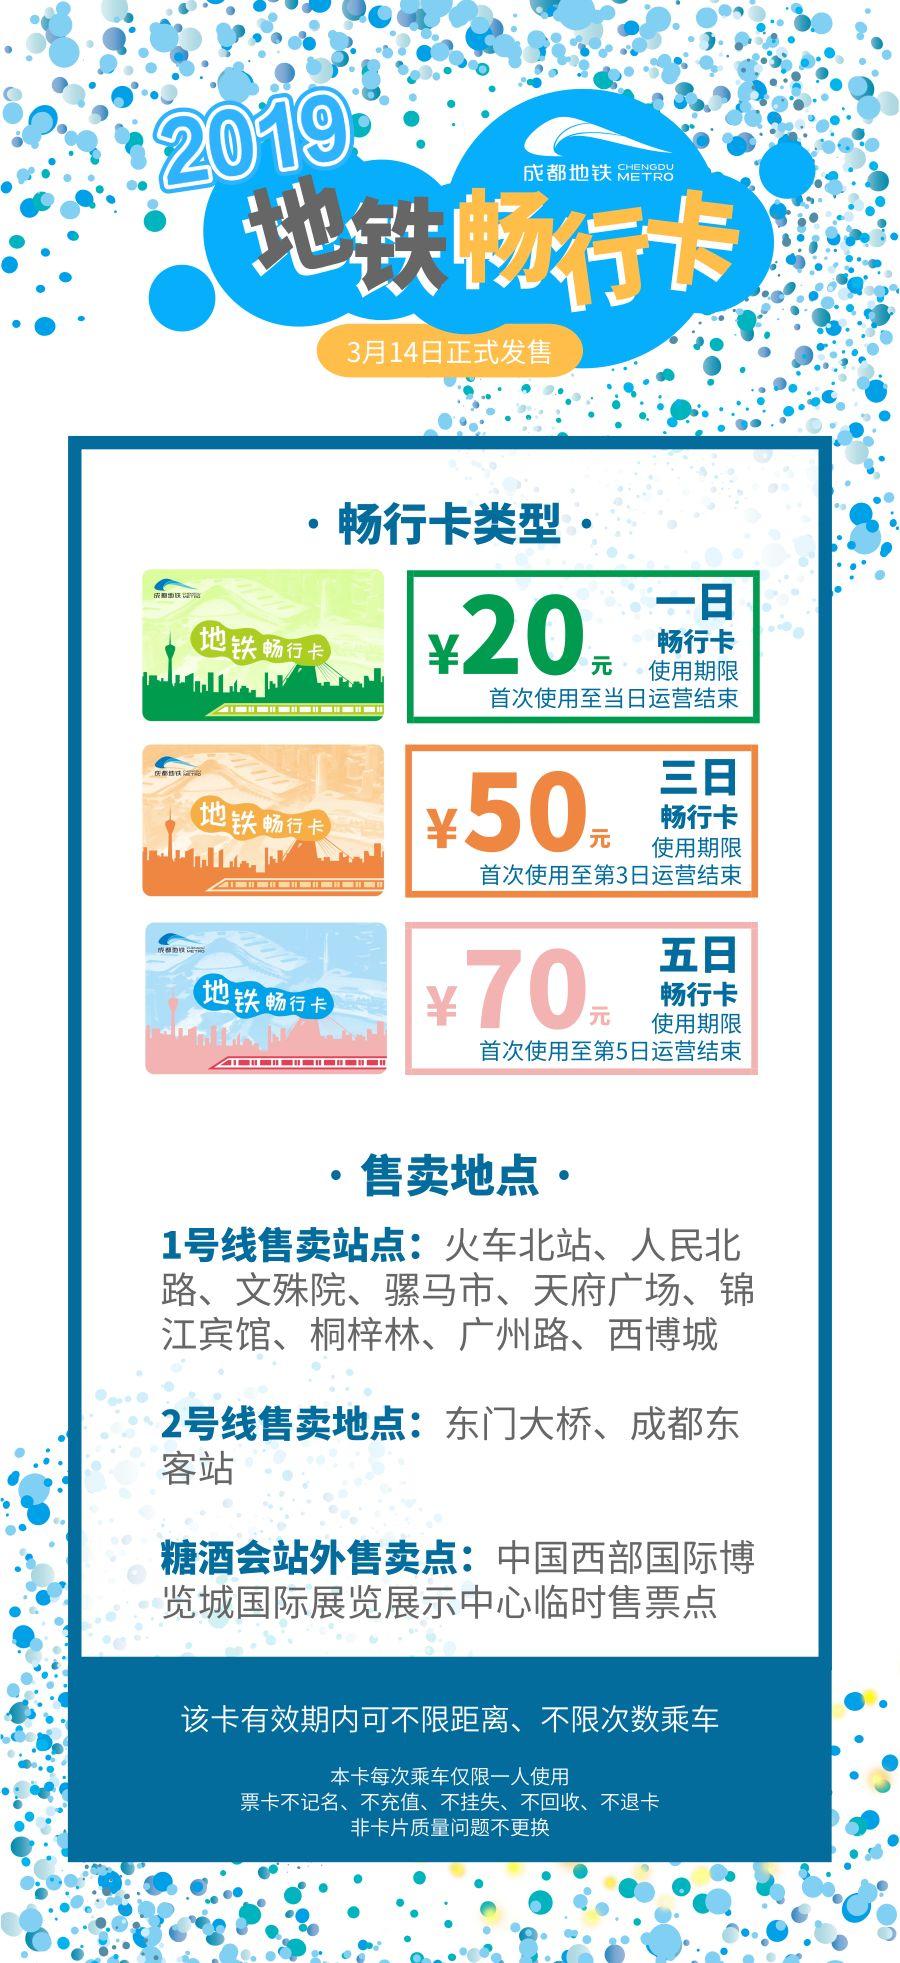 2019成都糖酒会地铁畅行卡购买指南